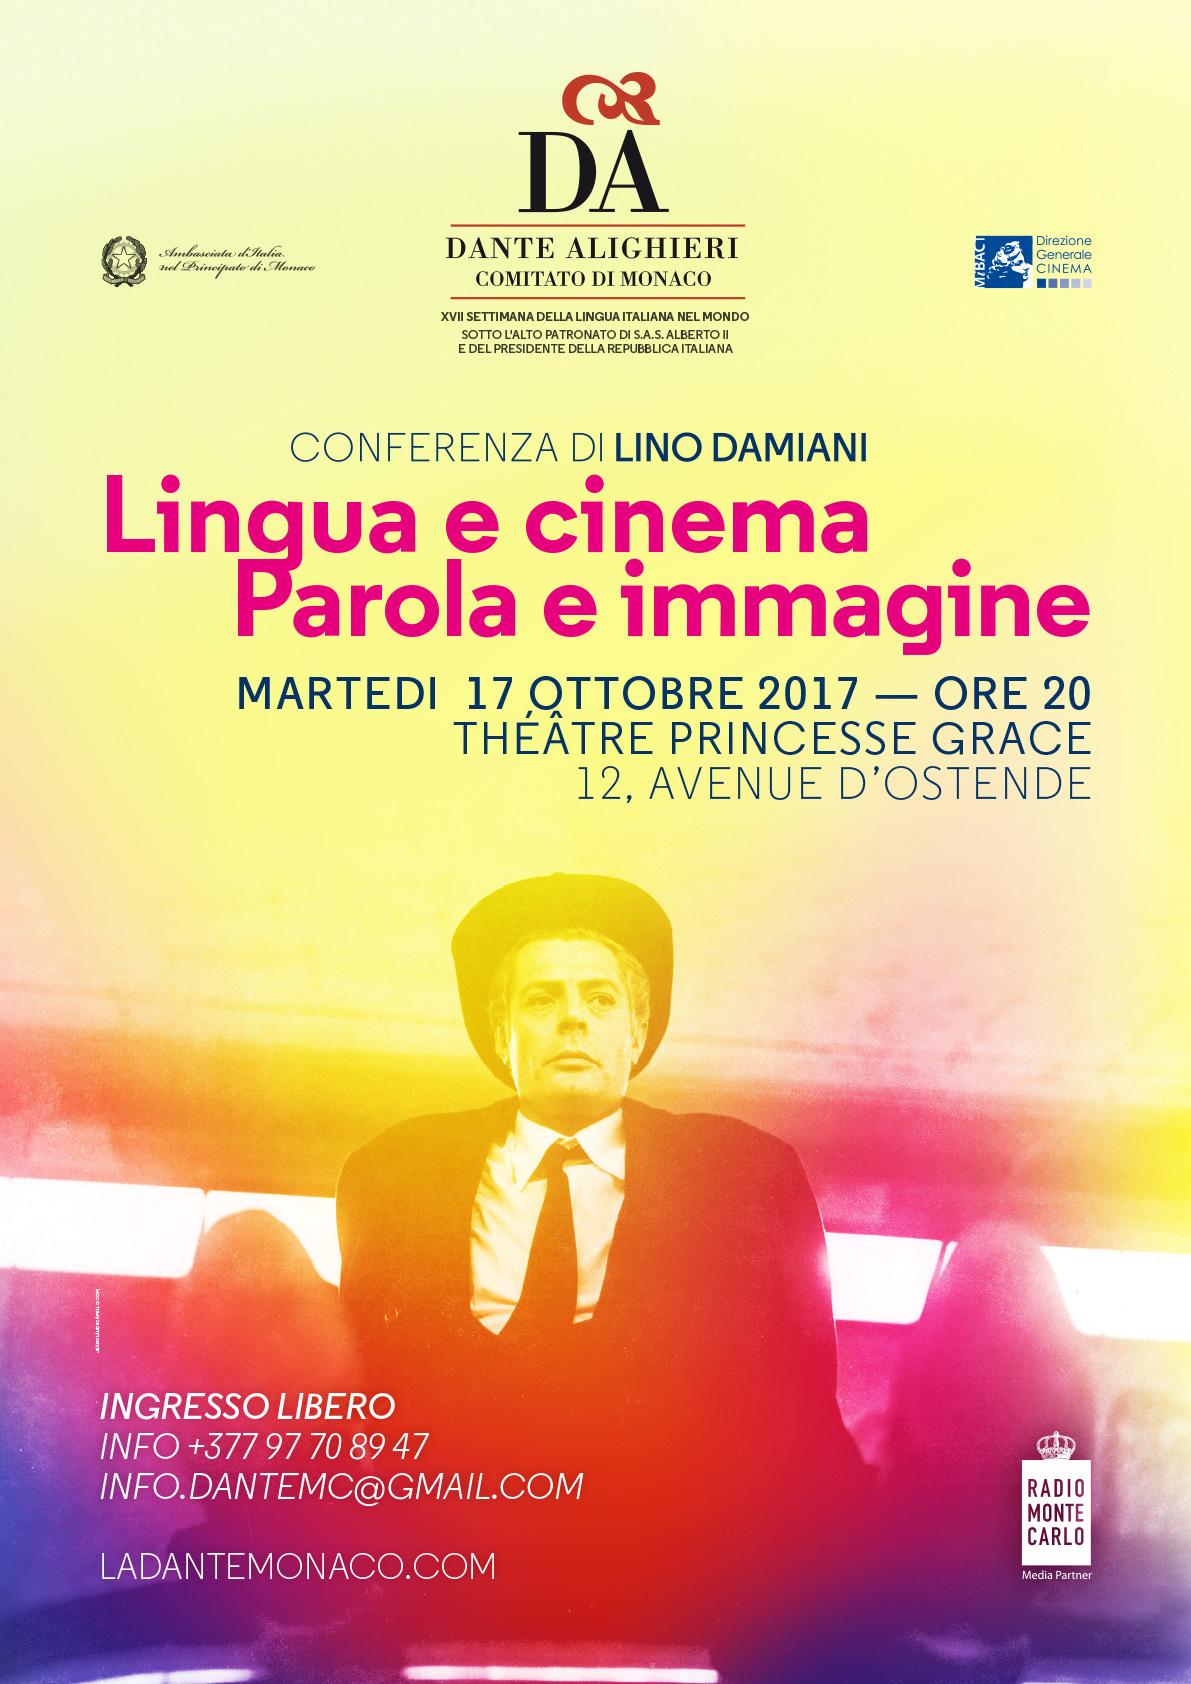 Lingua e cultura italiana nell'ottobre della Dante di Monaco